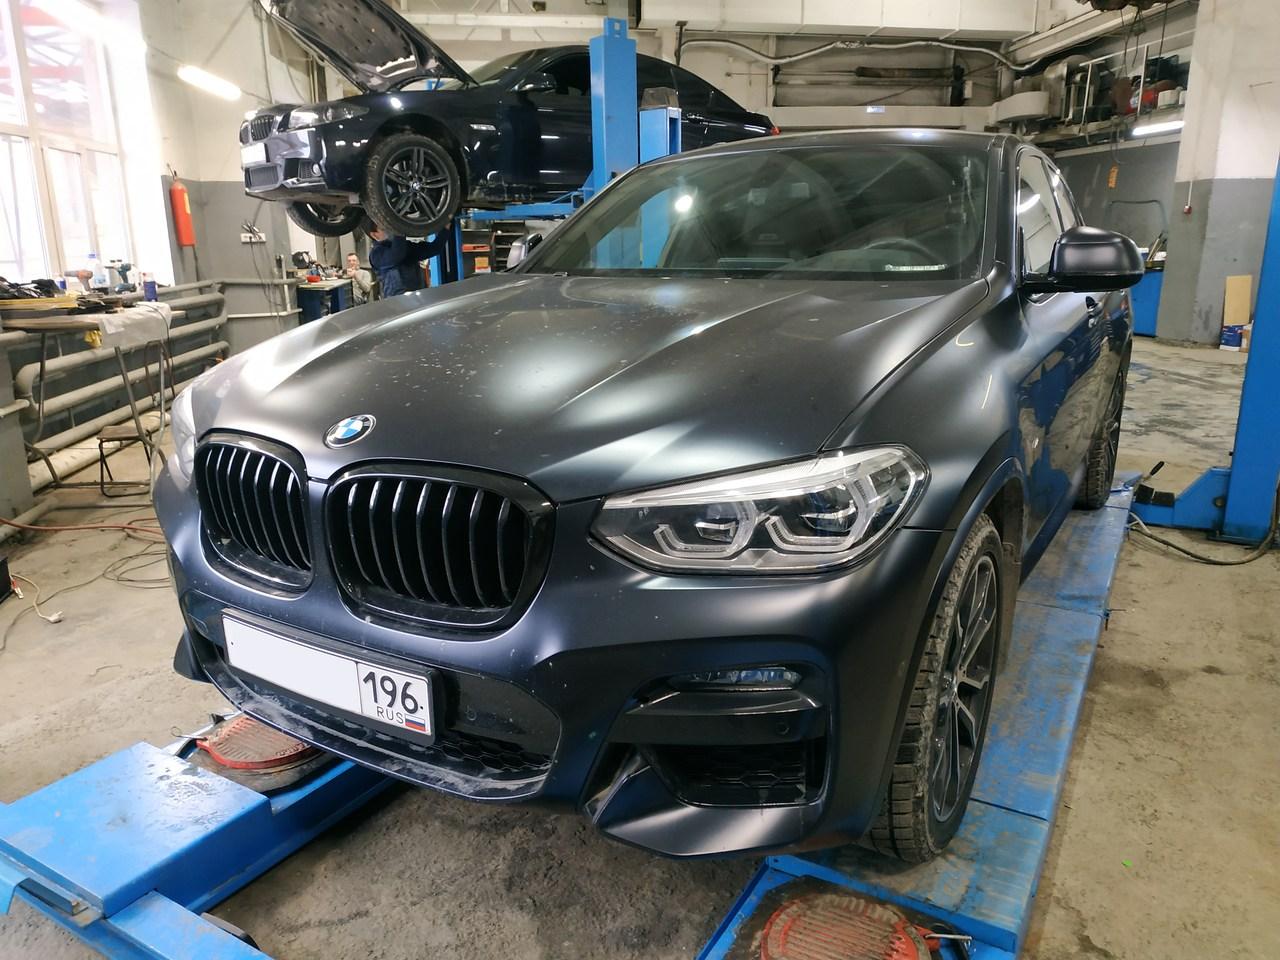 BMW G02 X4 30d 2019 г.в.